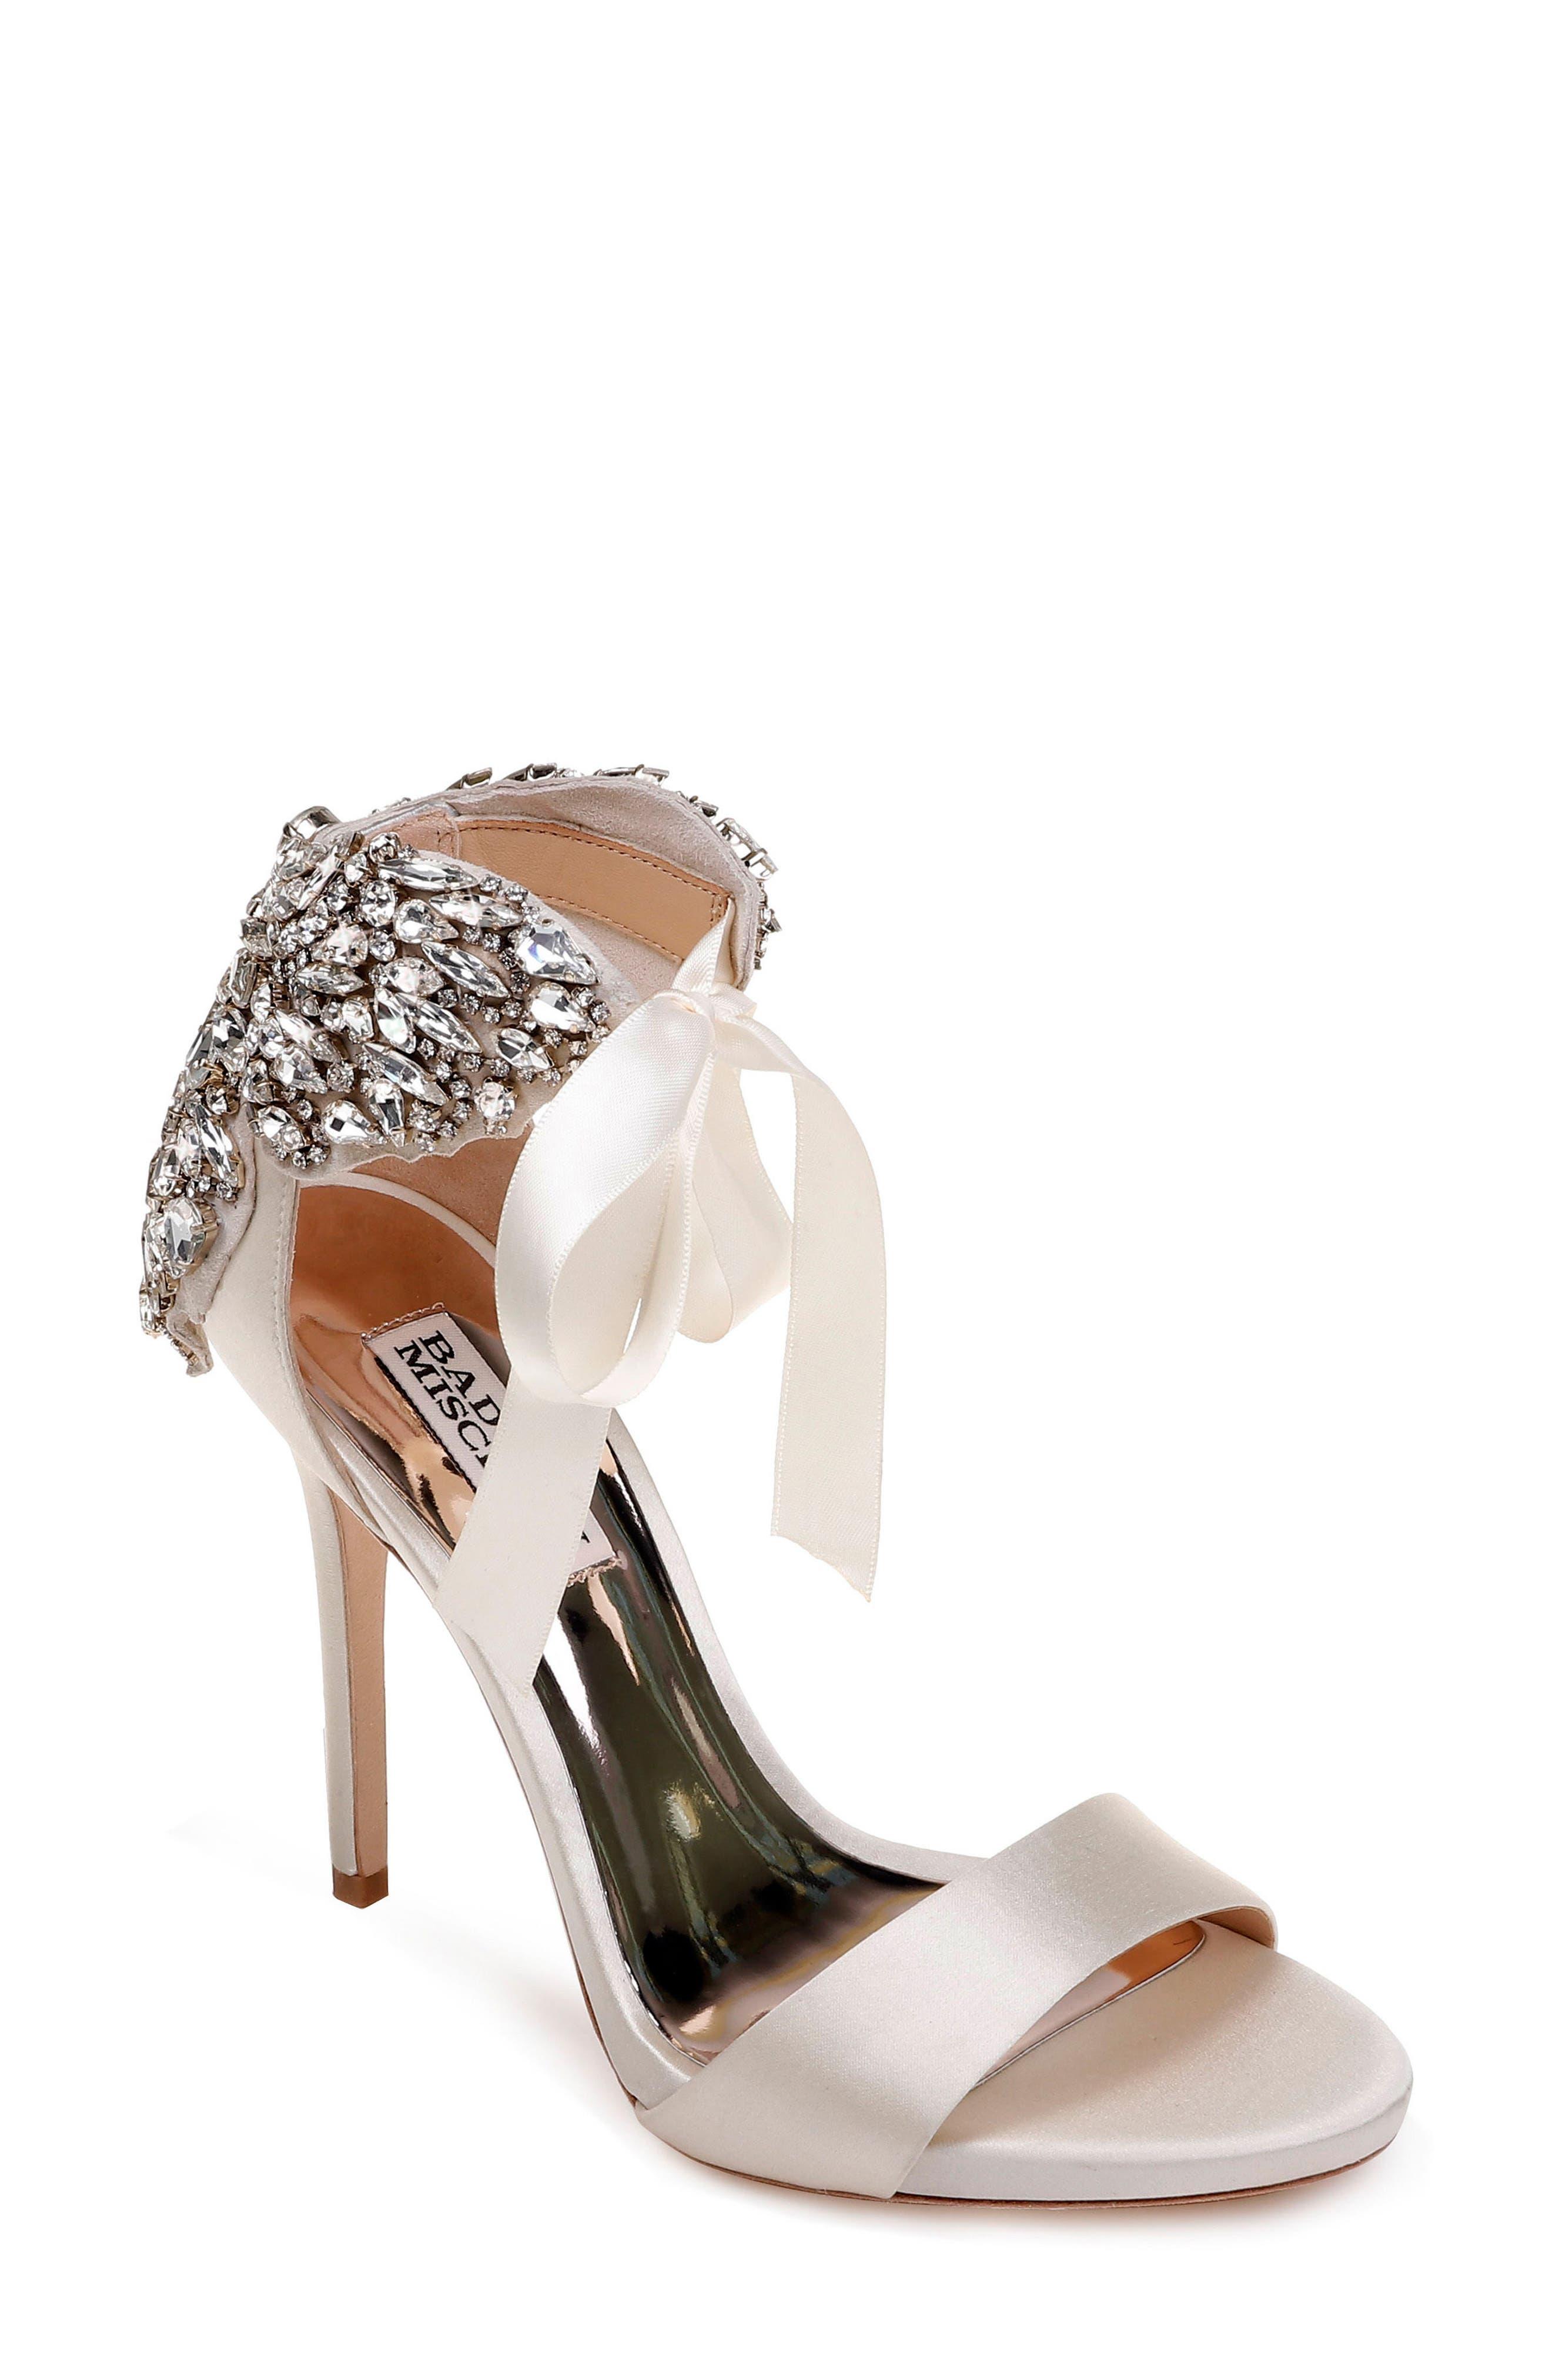 Badgley Mischka Hilda Crystal Embellished Sandal